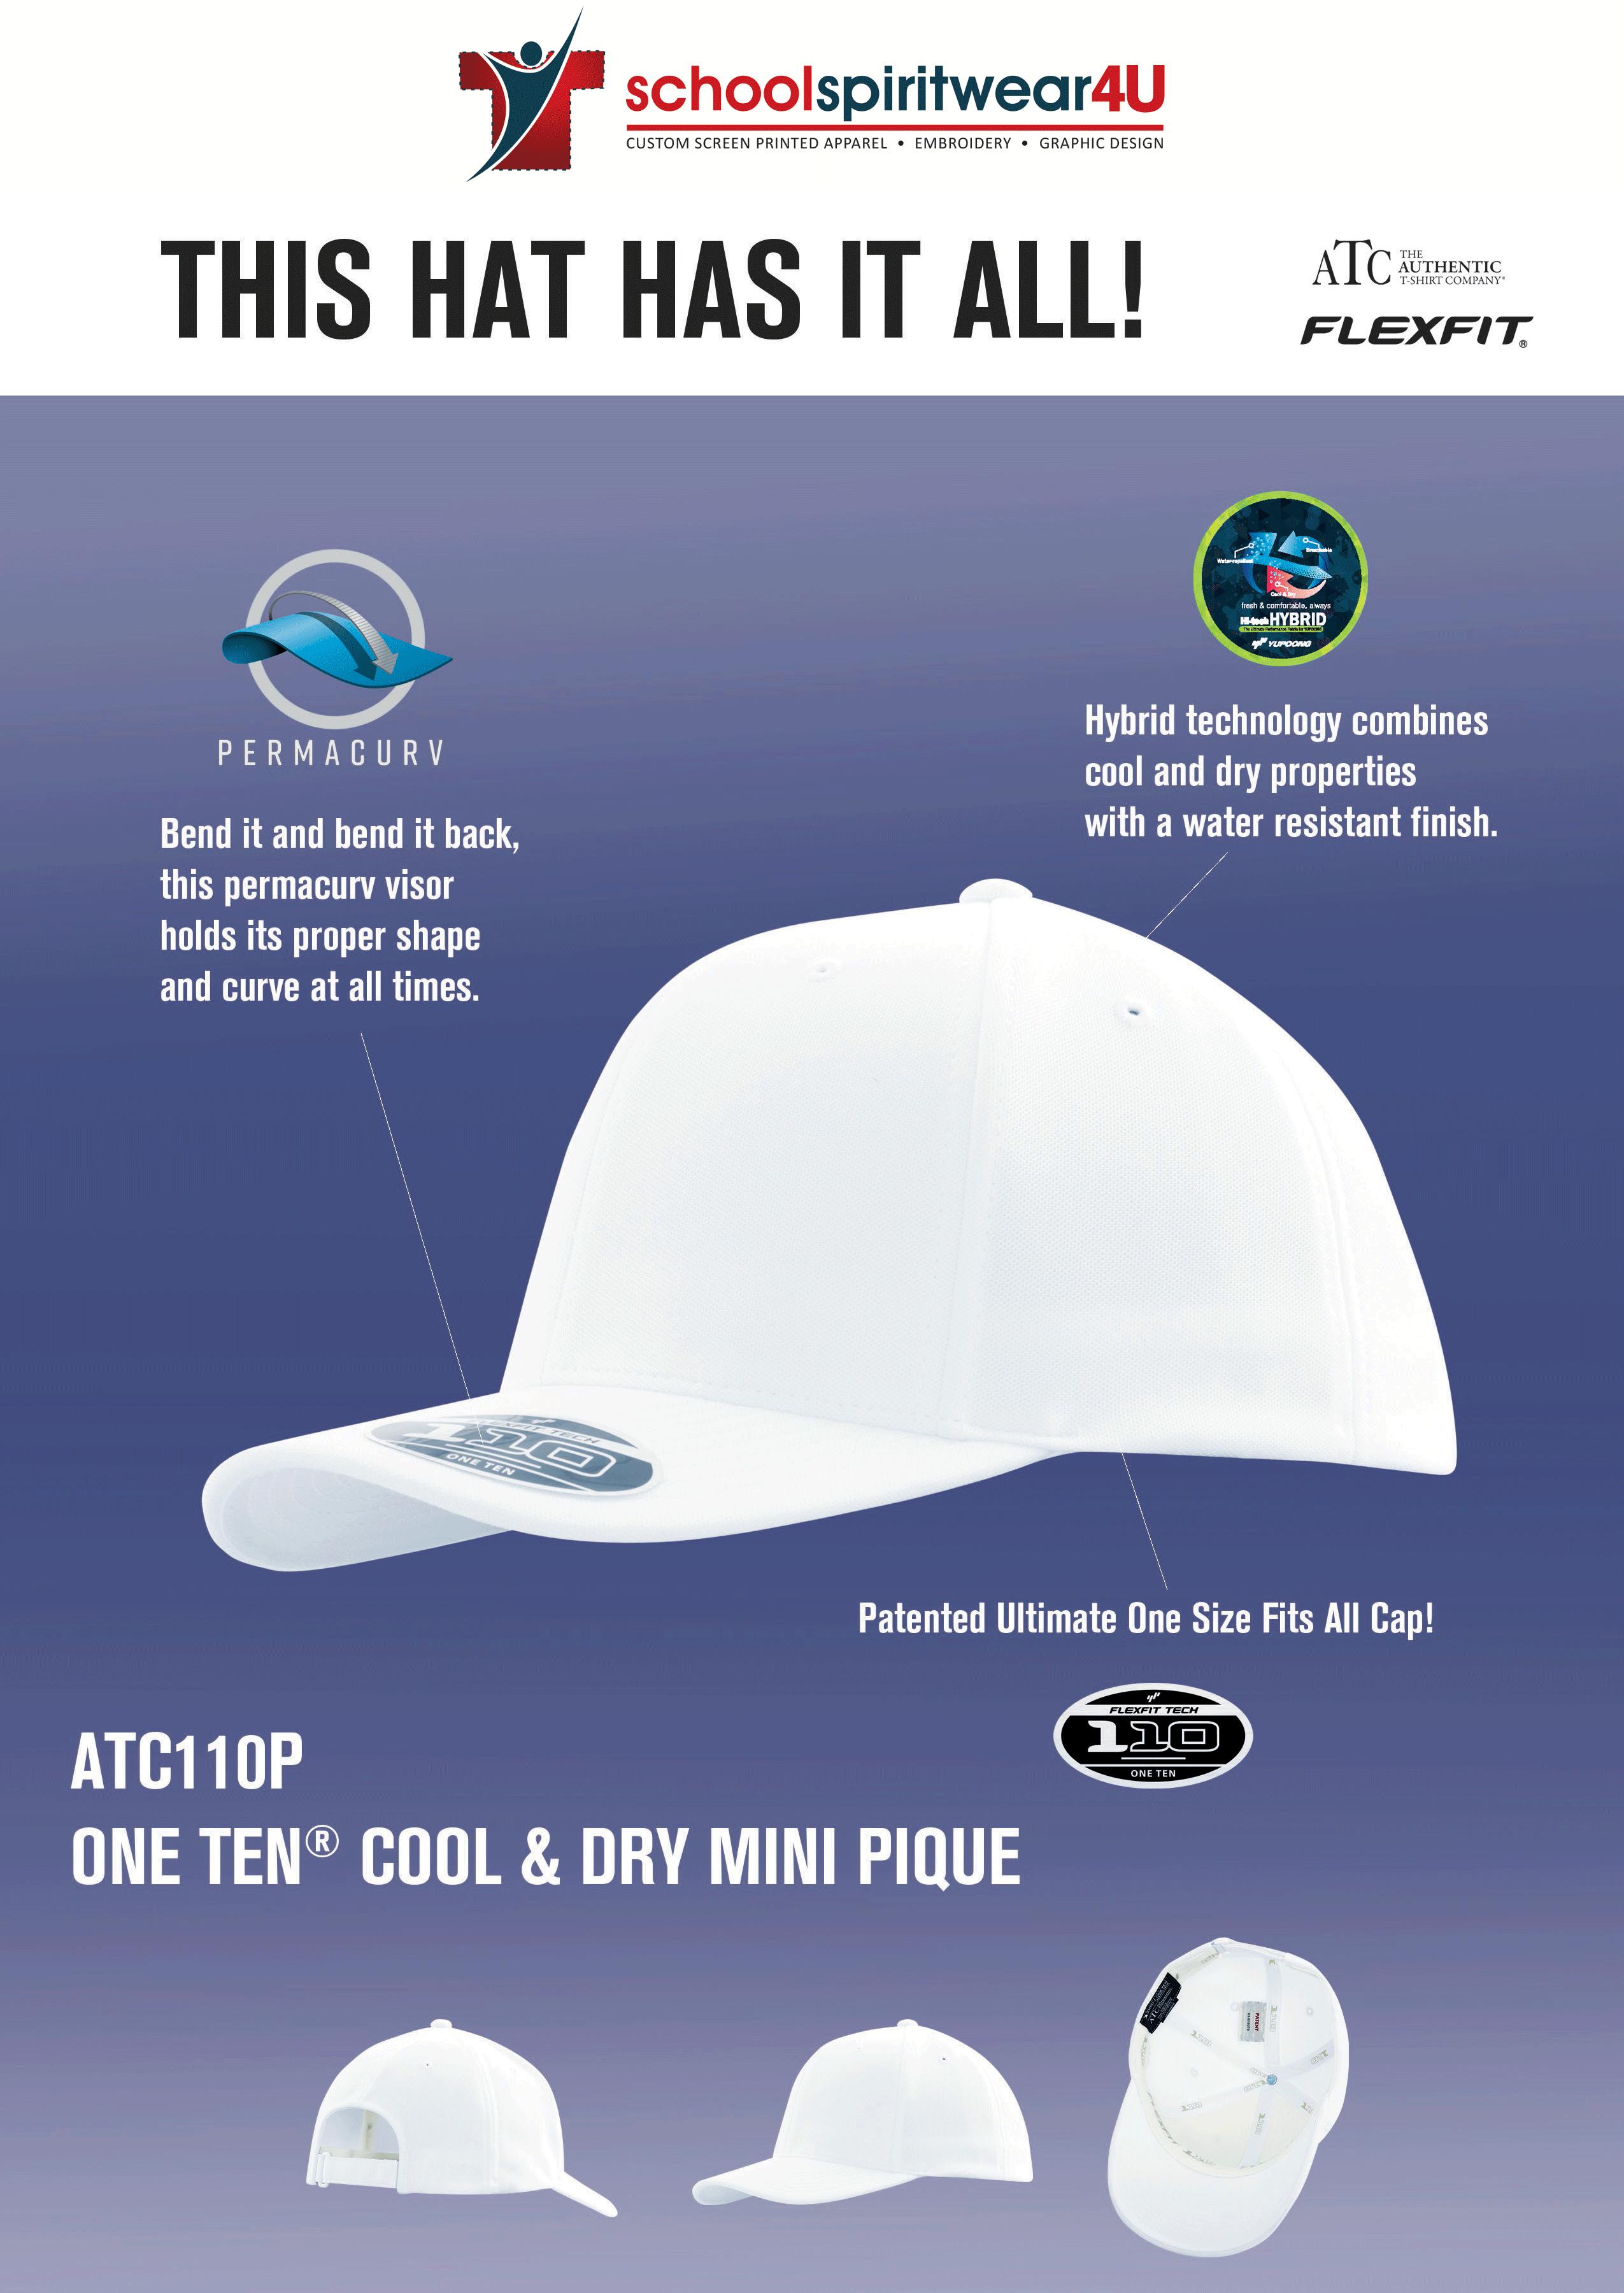 School Spirit Wear - screen printed ball caps - embroder logo on ball cap